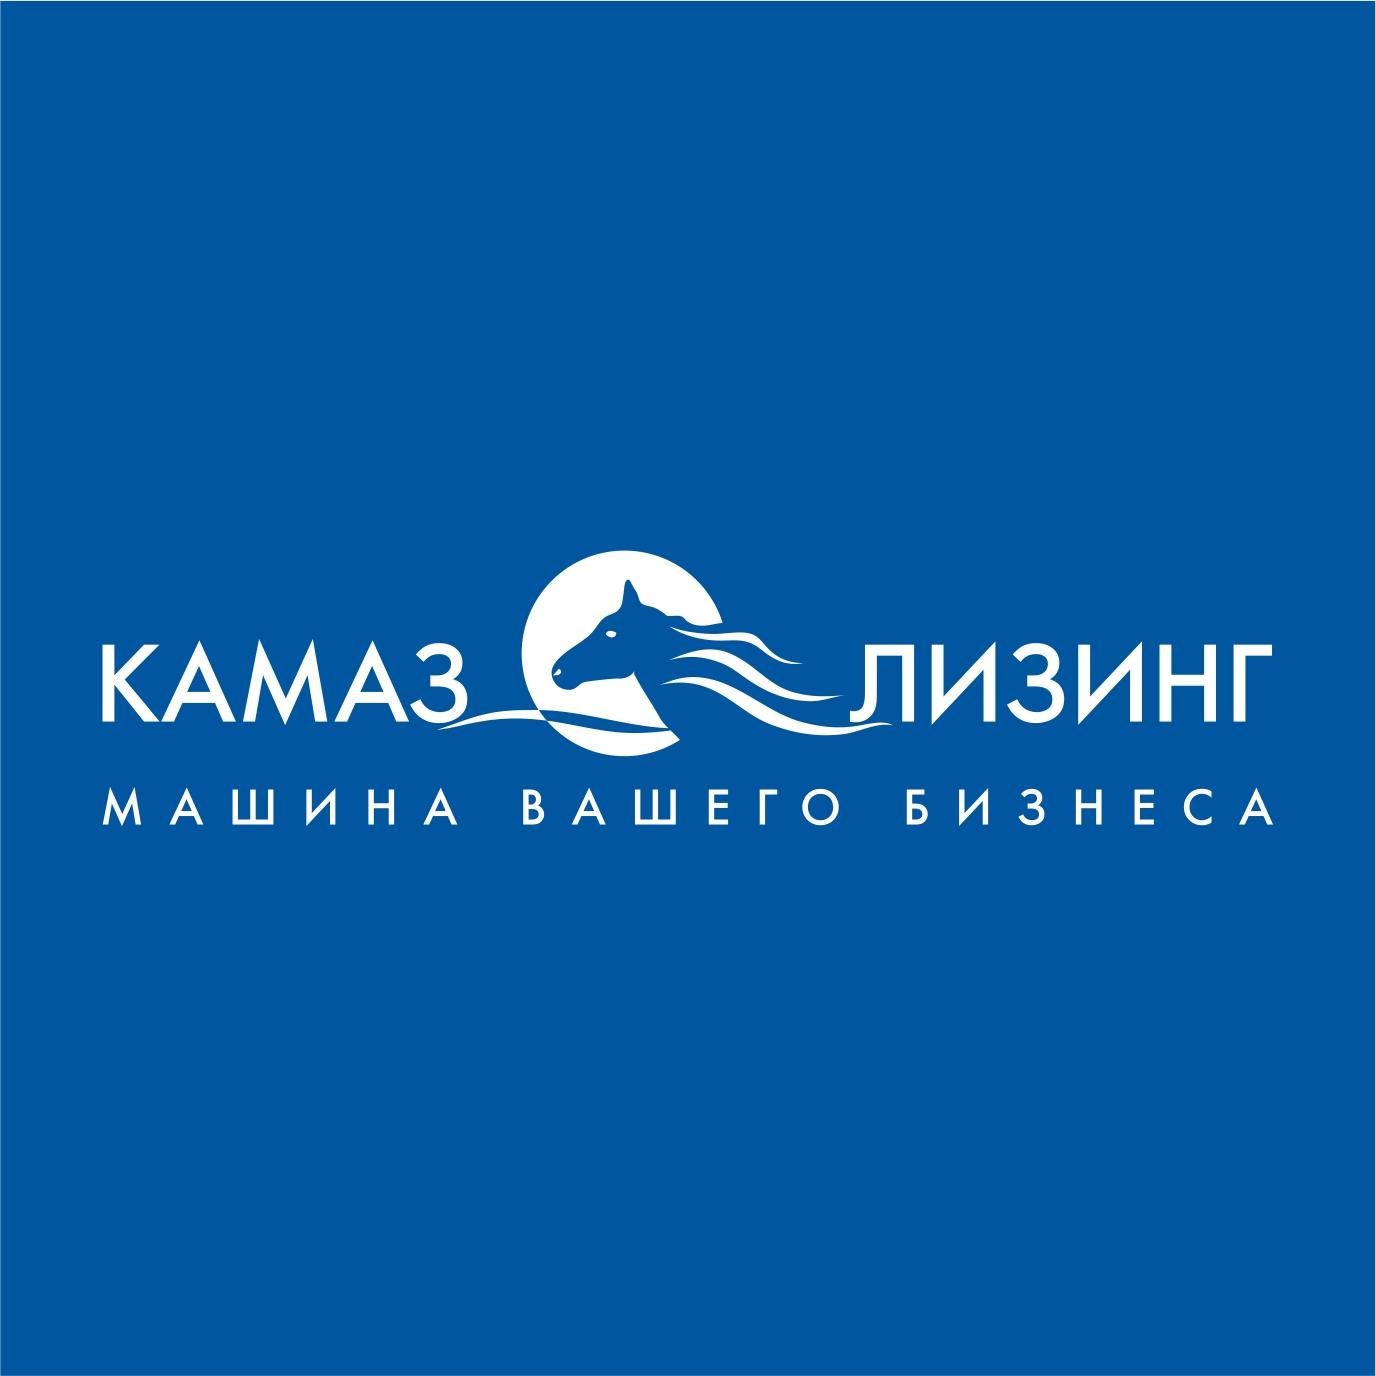 Самосвалы КАМАЗ – строителям Чувашии